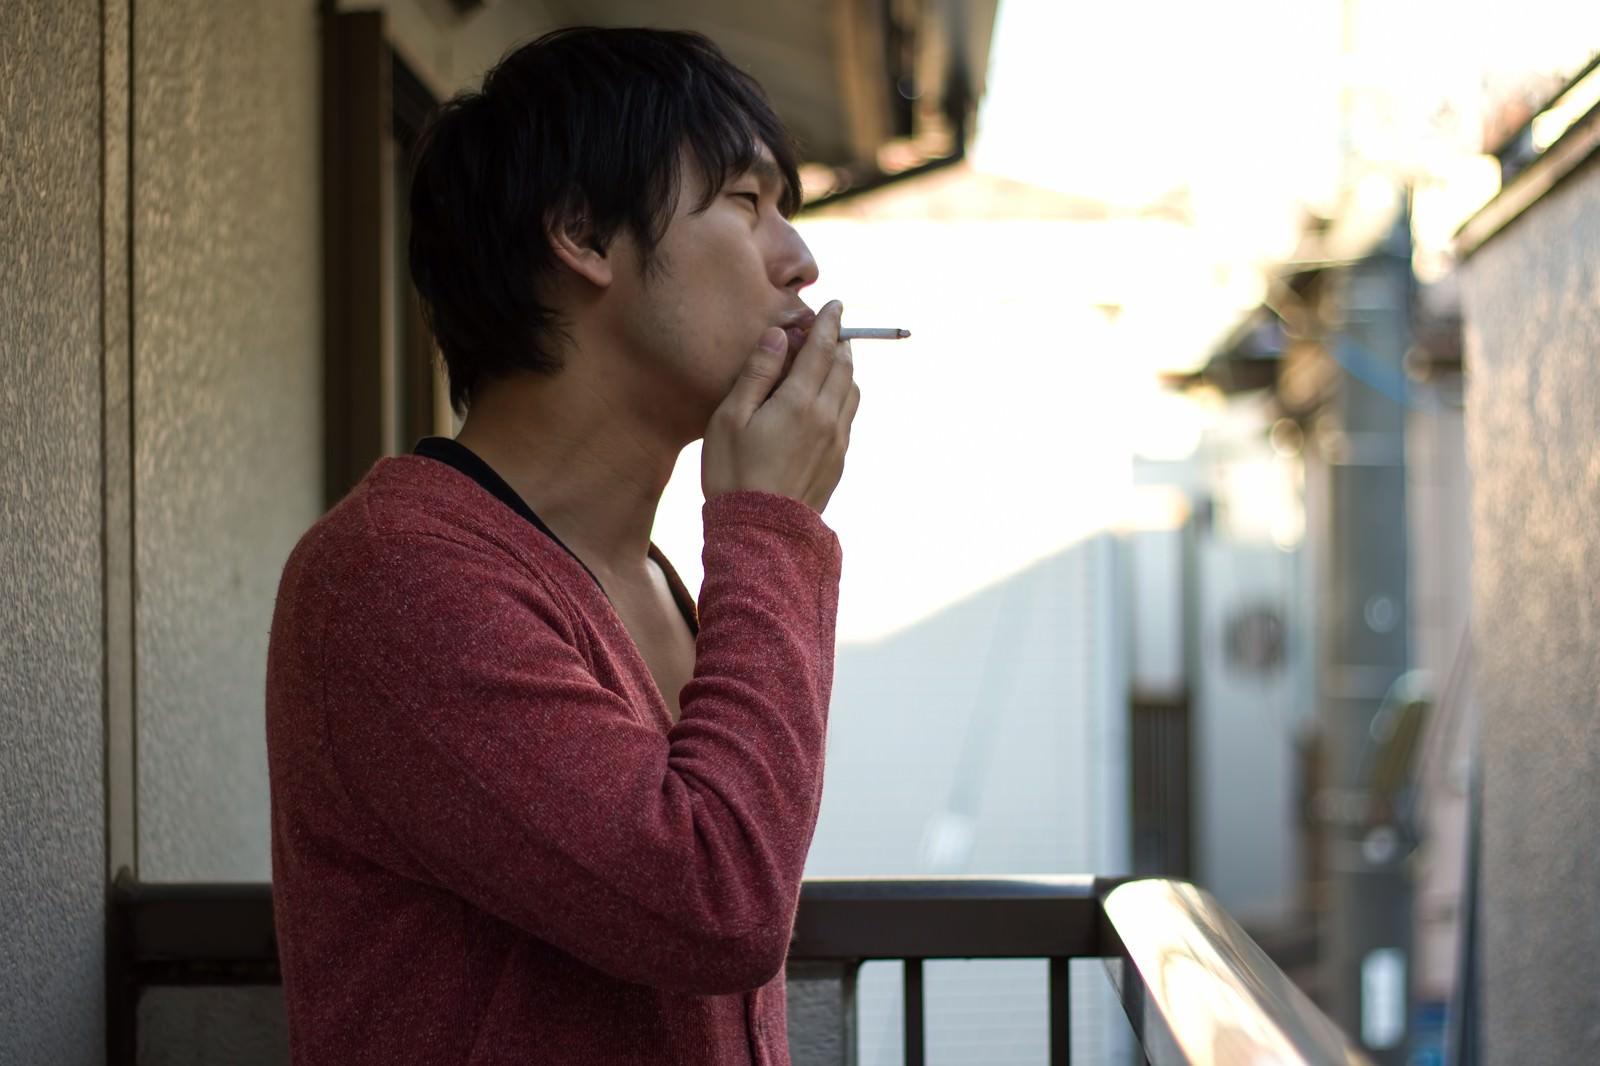 「ベランダでしかタバコが吸えないお父さん」の写真[モデル:大川竜弥]